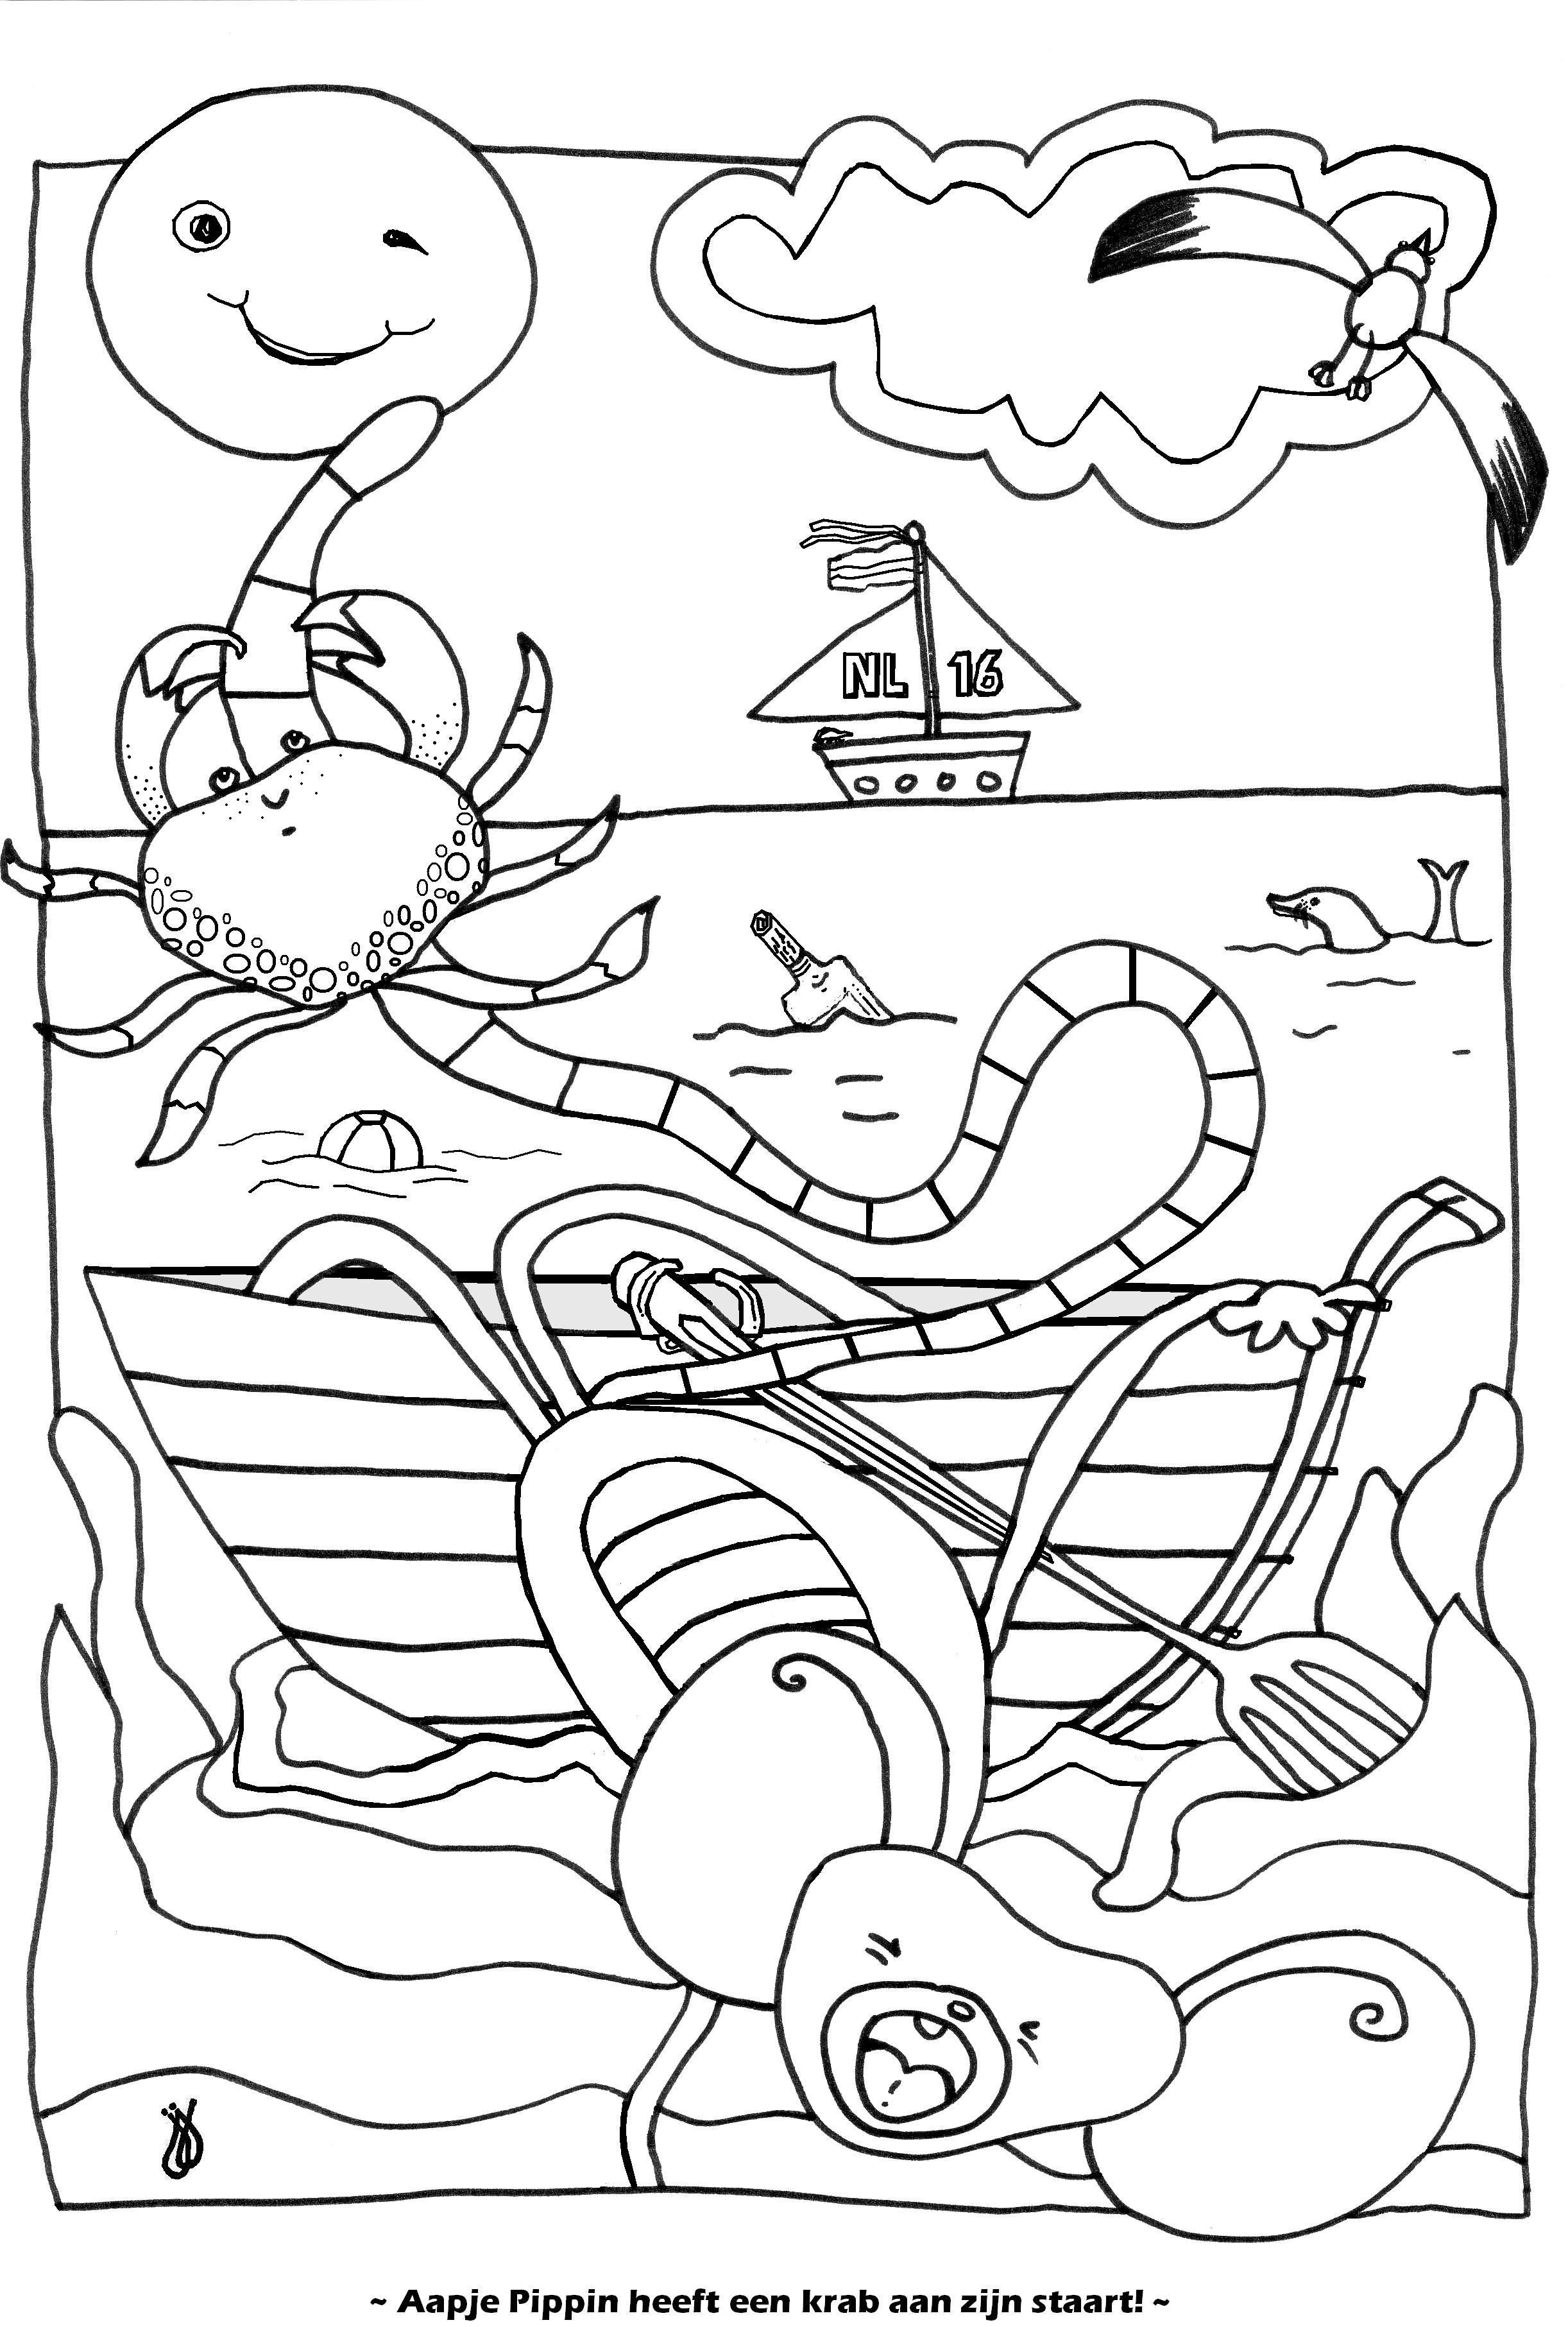 Aapje Pippin heeft een krab aan zijn staart